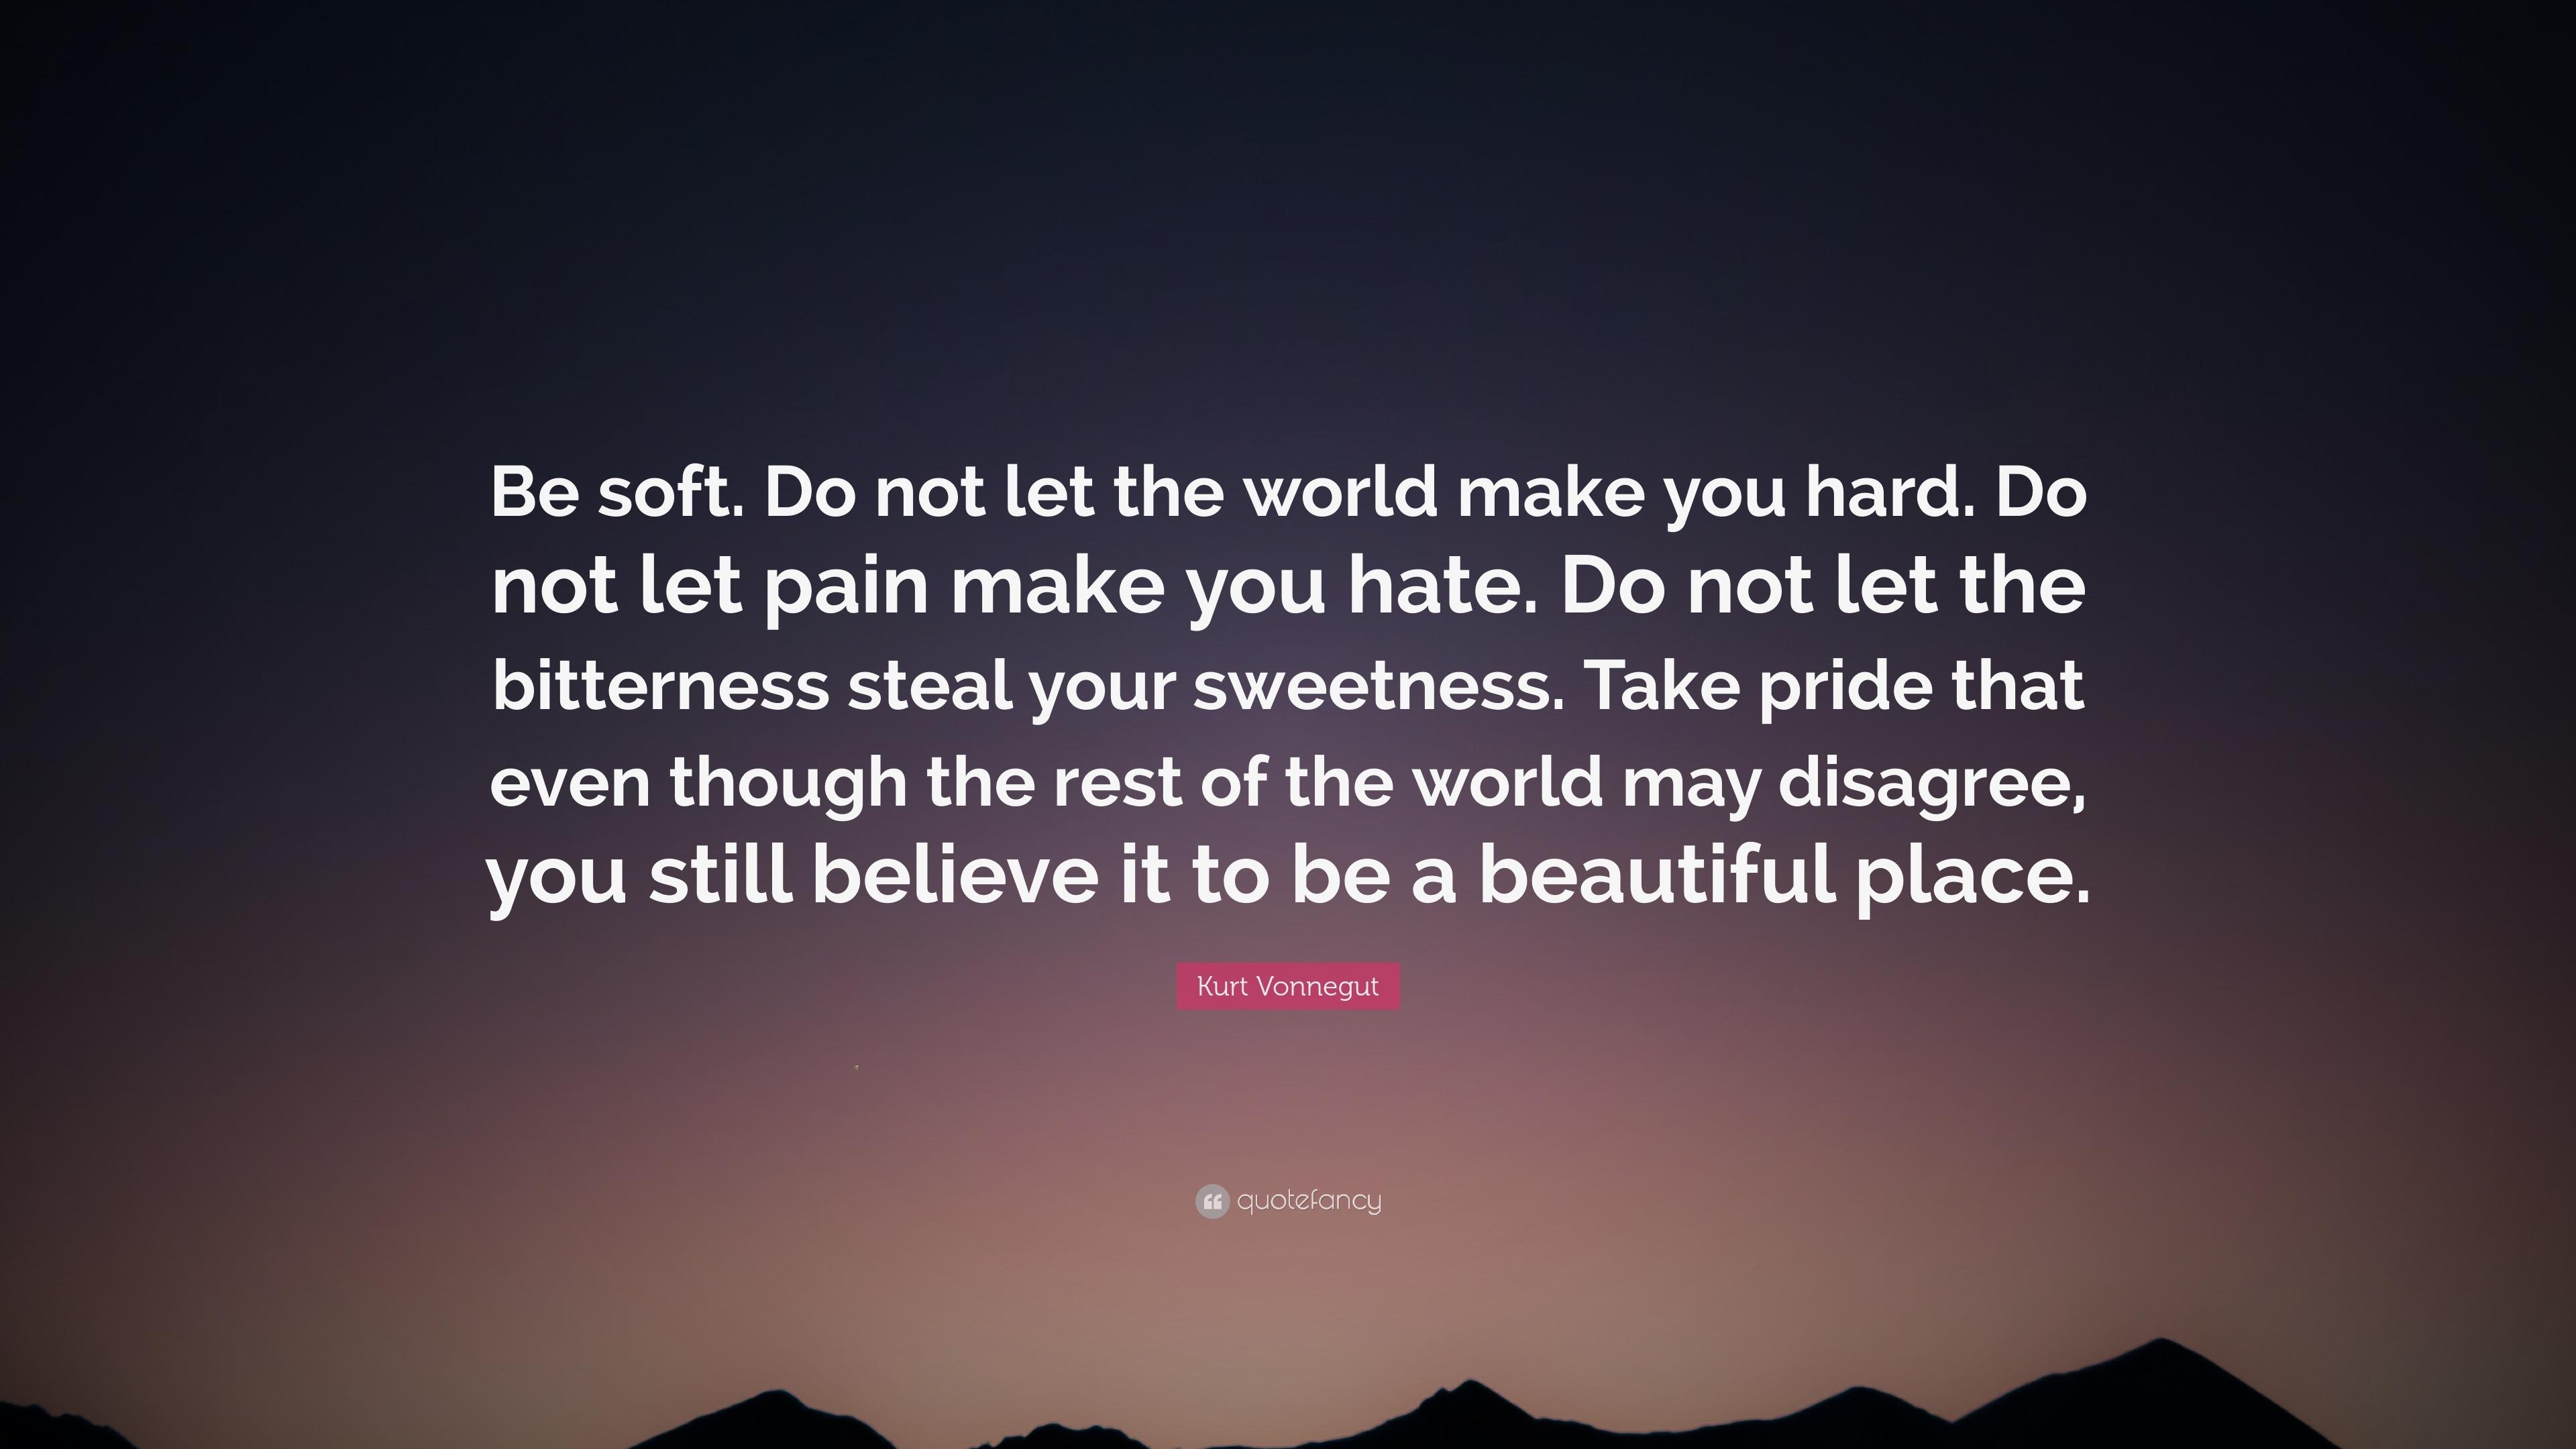 Soft Quotes Kurt Vonnegut Quotes  Page 2  The Best Quotes & Reviews